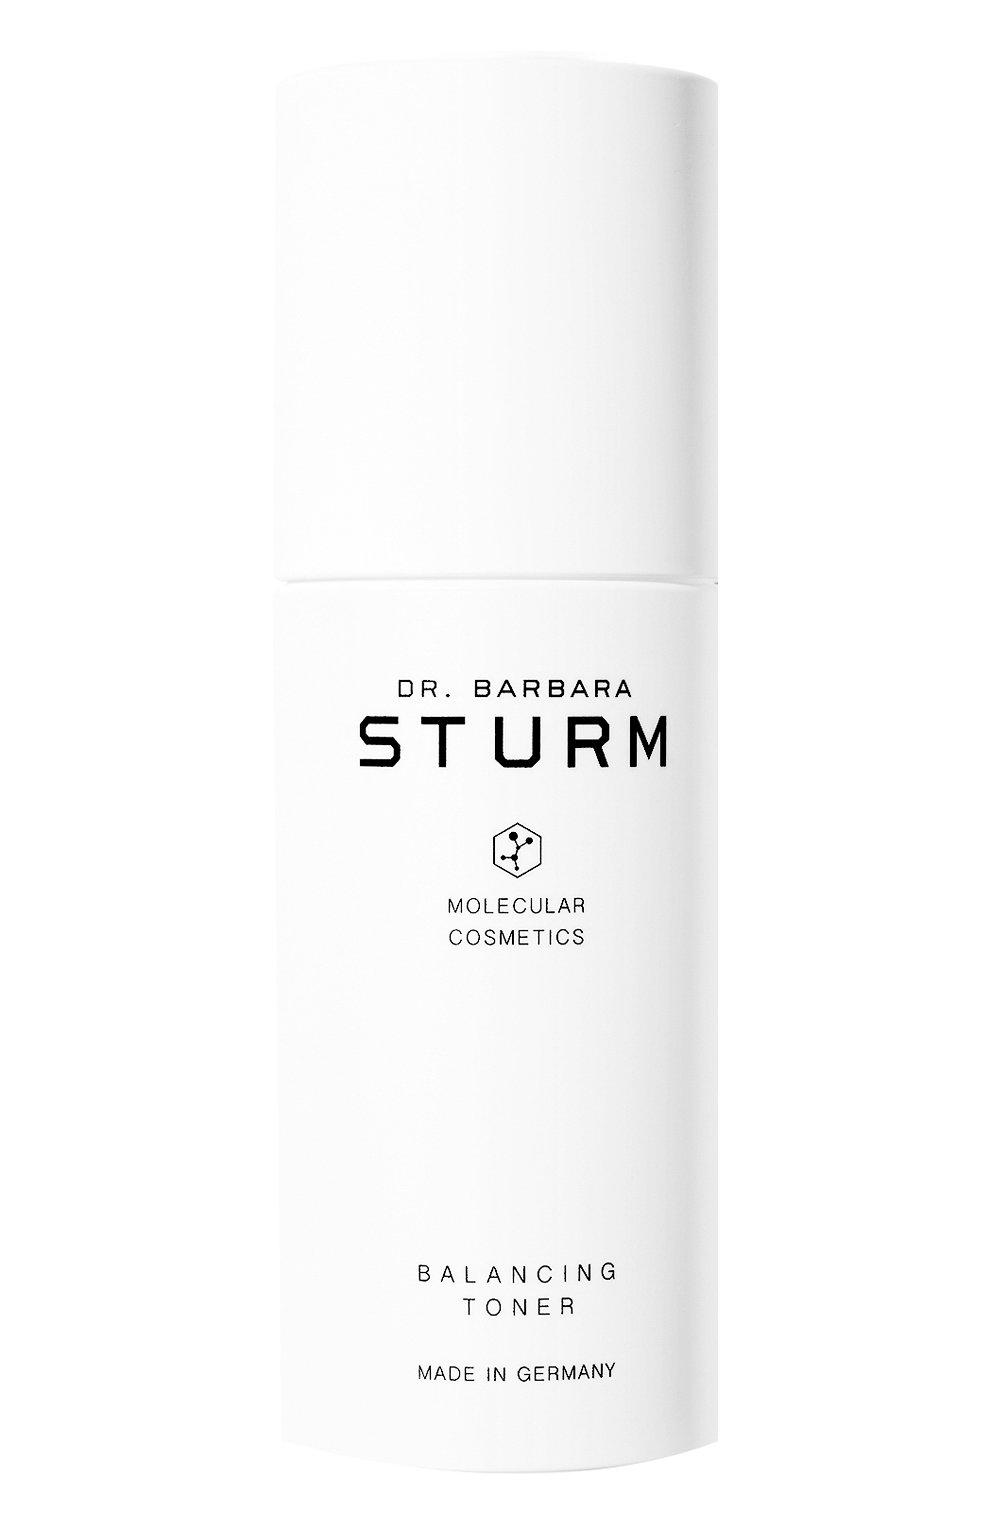 Увлажняющий и освежающий балансирующий тоник для лица balancing toner DR. BARBARA STURM бесцветного цвета, арт. 4260521261489 | Фото 1